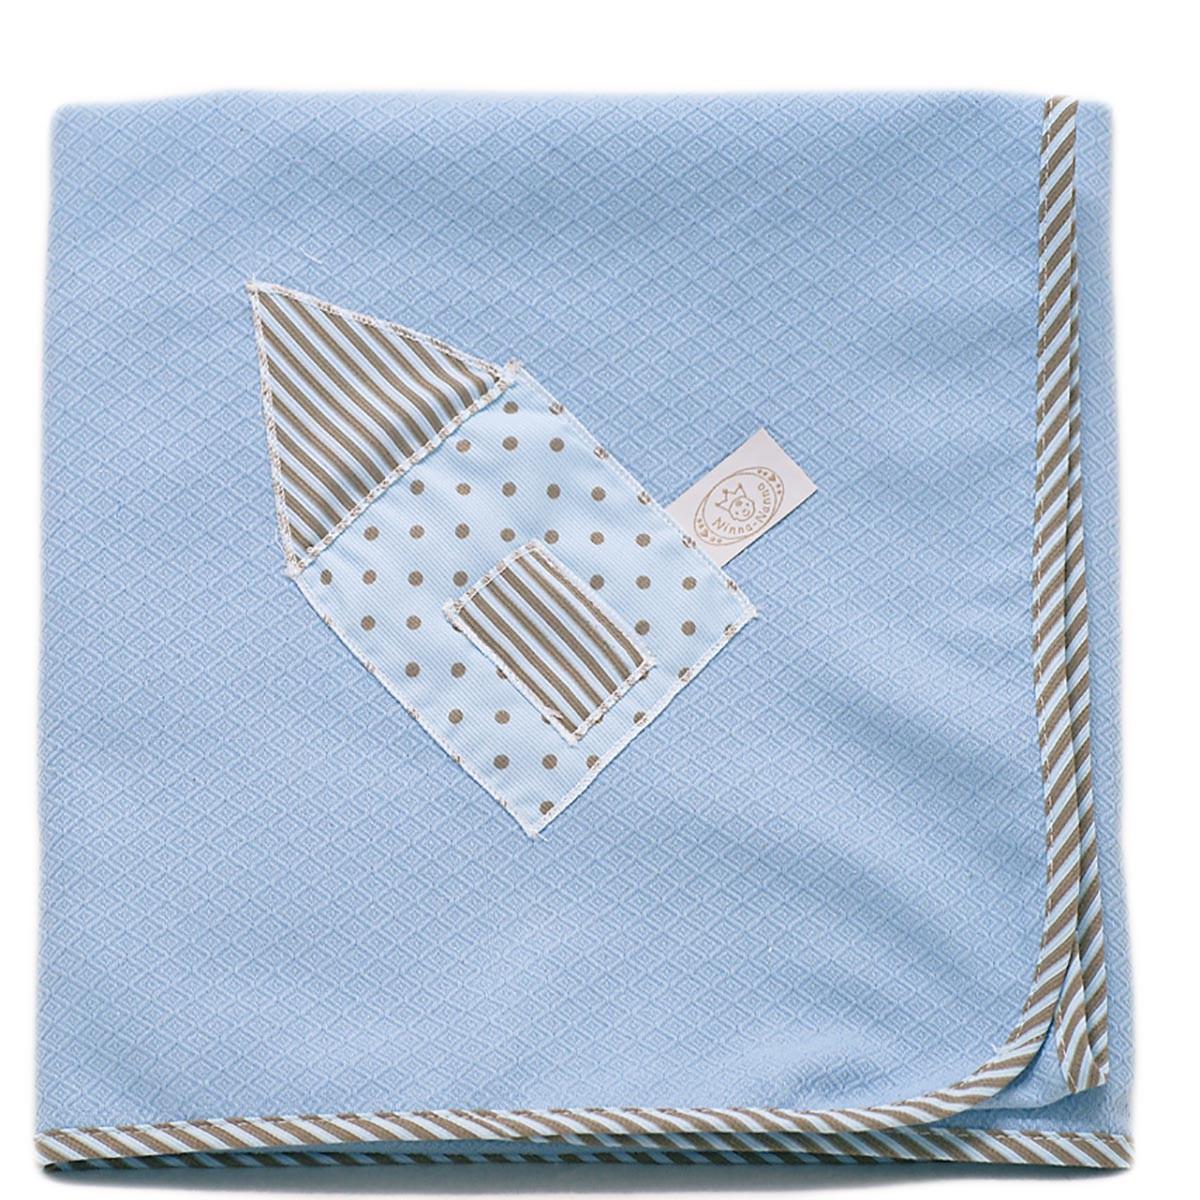 Κουβέρτα Πικέ Αγκαλιάς Ninna Nanna Σιέλ Καφέ home   βρεφικά   κουβέρτες βρεφικές   κουβέρτες καλοκαιρινές